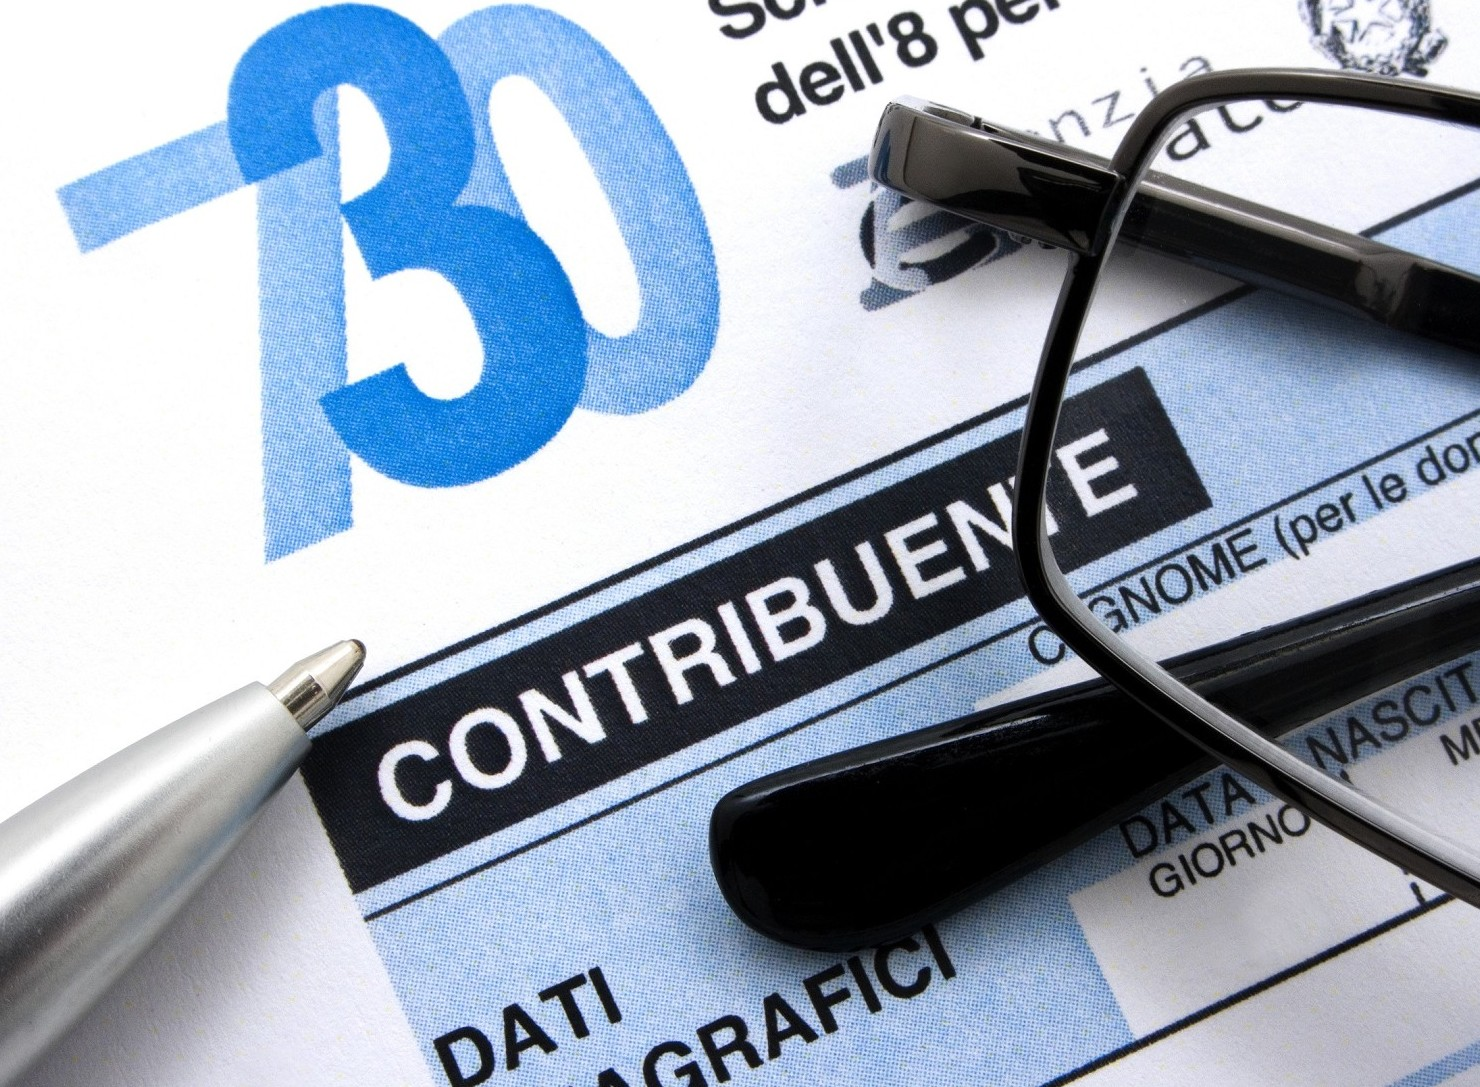 730 precompilato: spese sanitarie